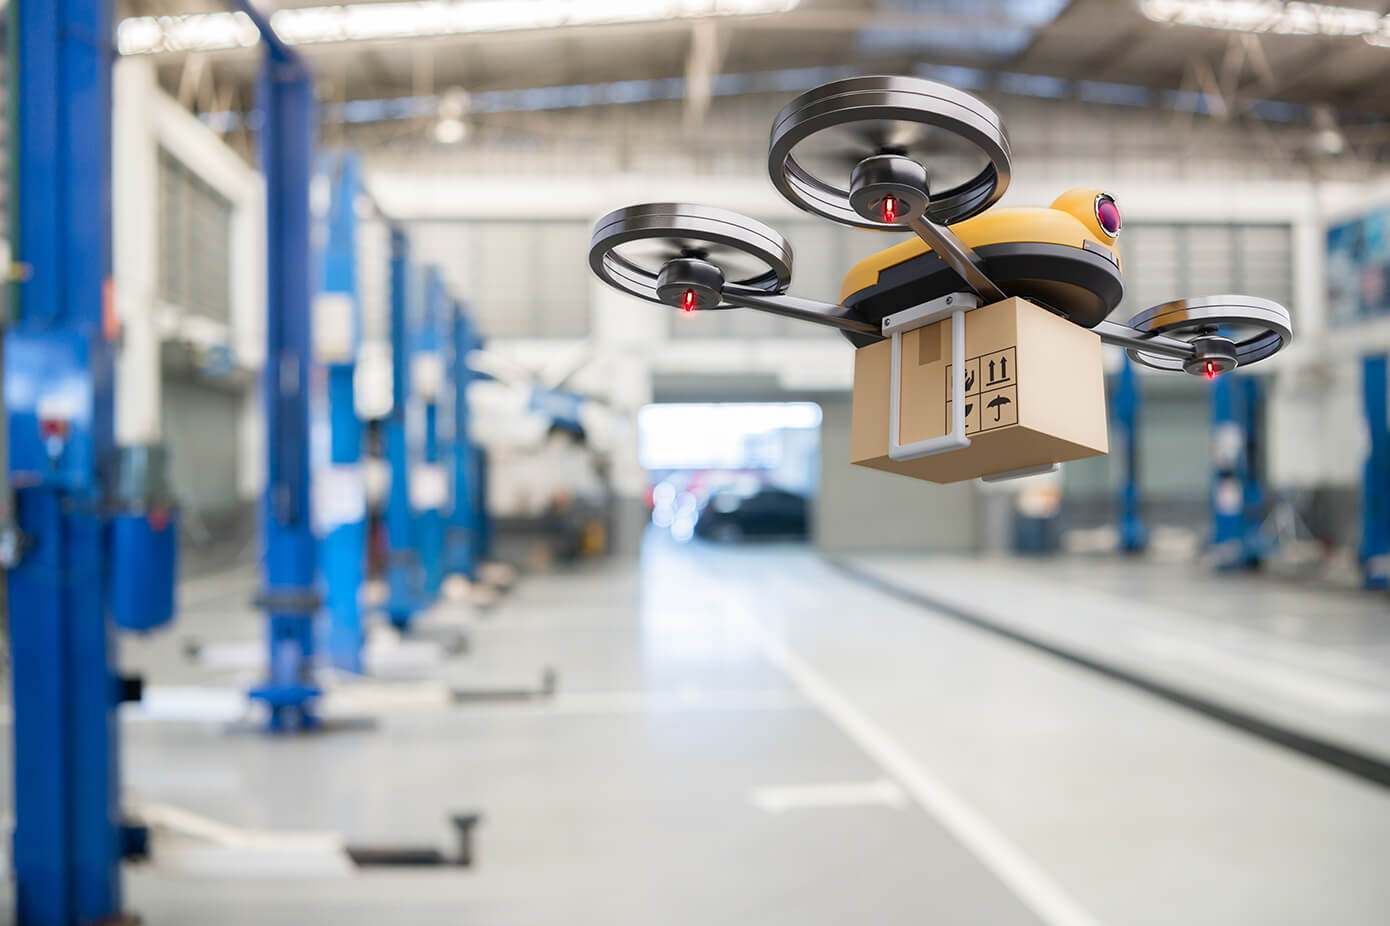 smart_delivery_robot_time-of-flight_LIDAR_3D_imaging_sensor_position_sensor_dam-15011869_1390x956